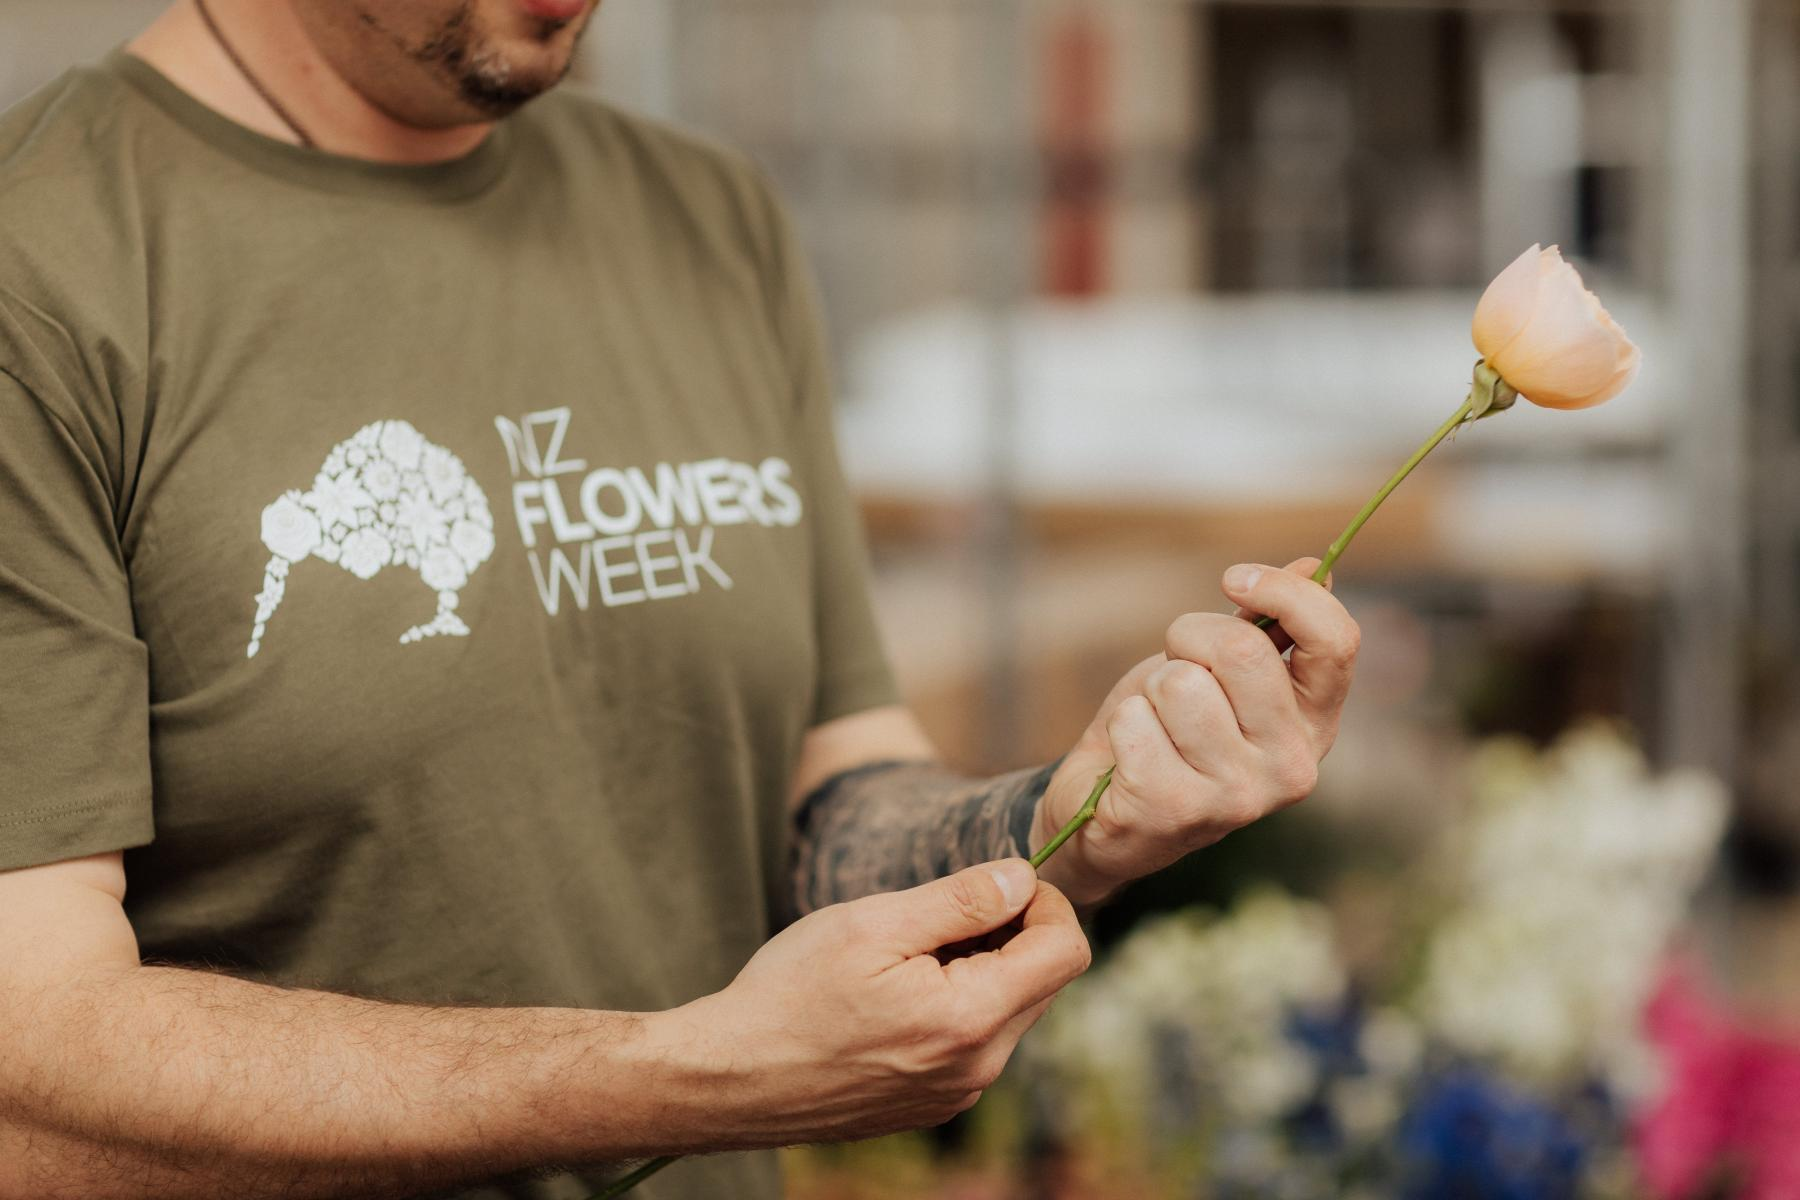 NZ_Flowers_Week_201956-large